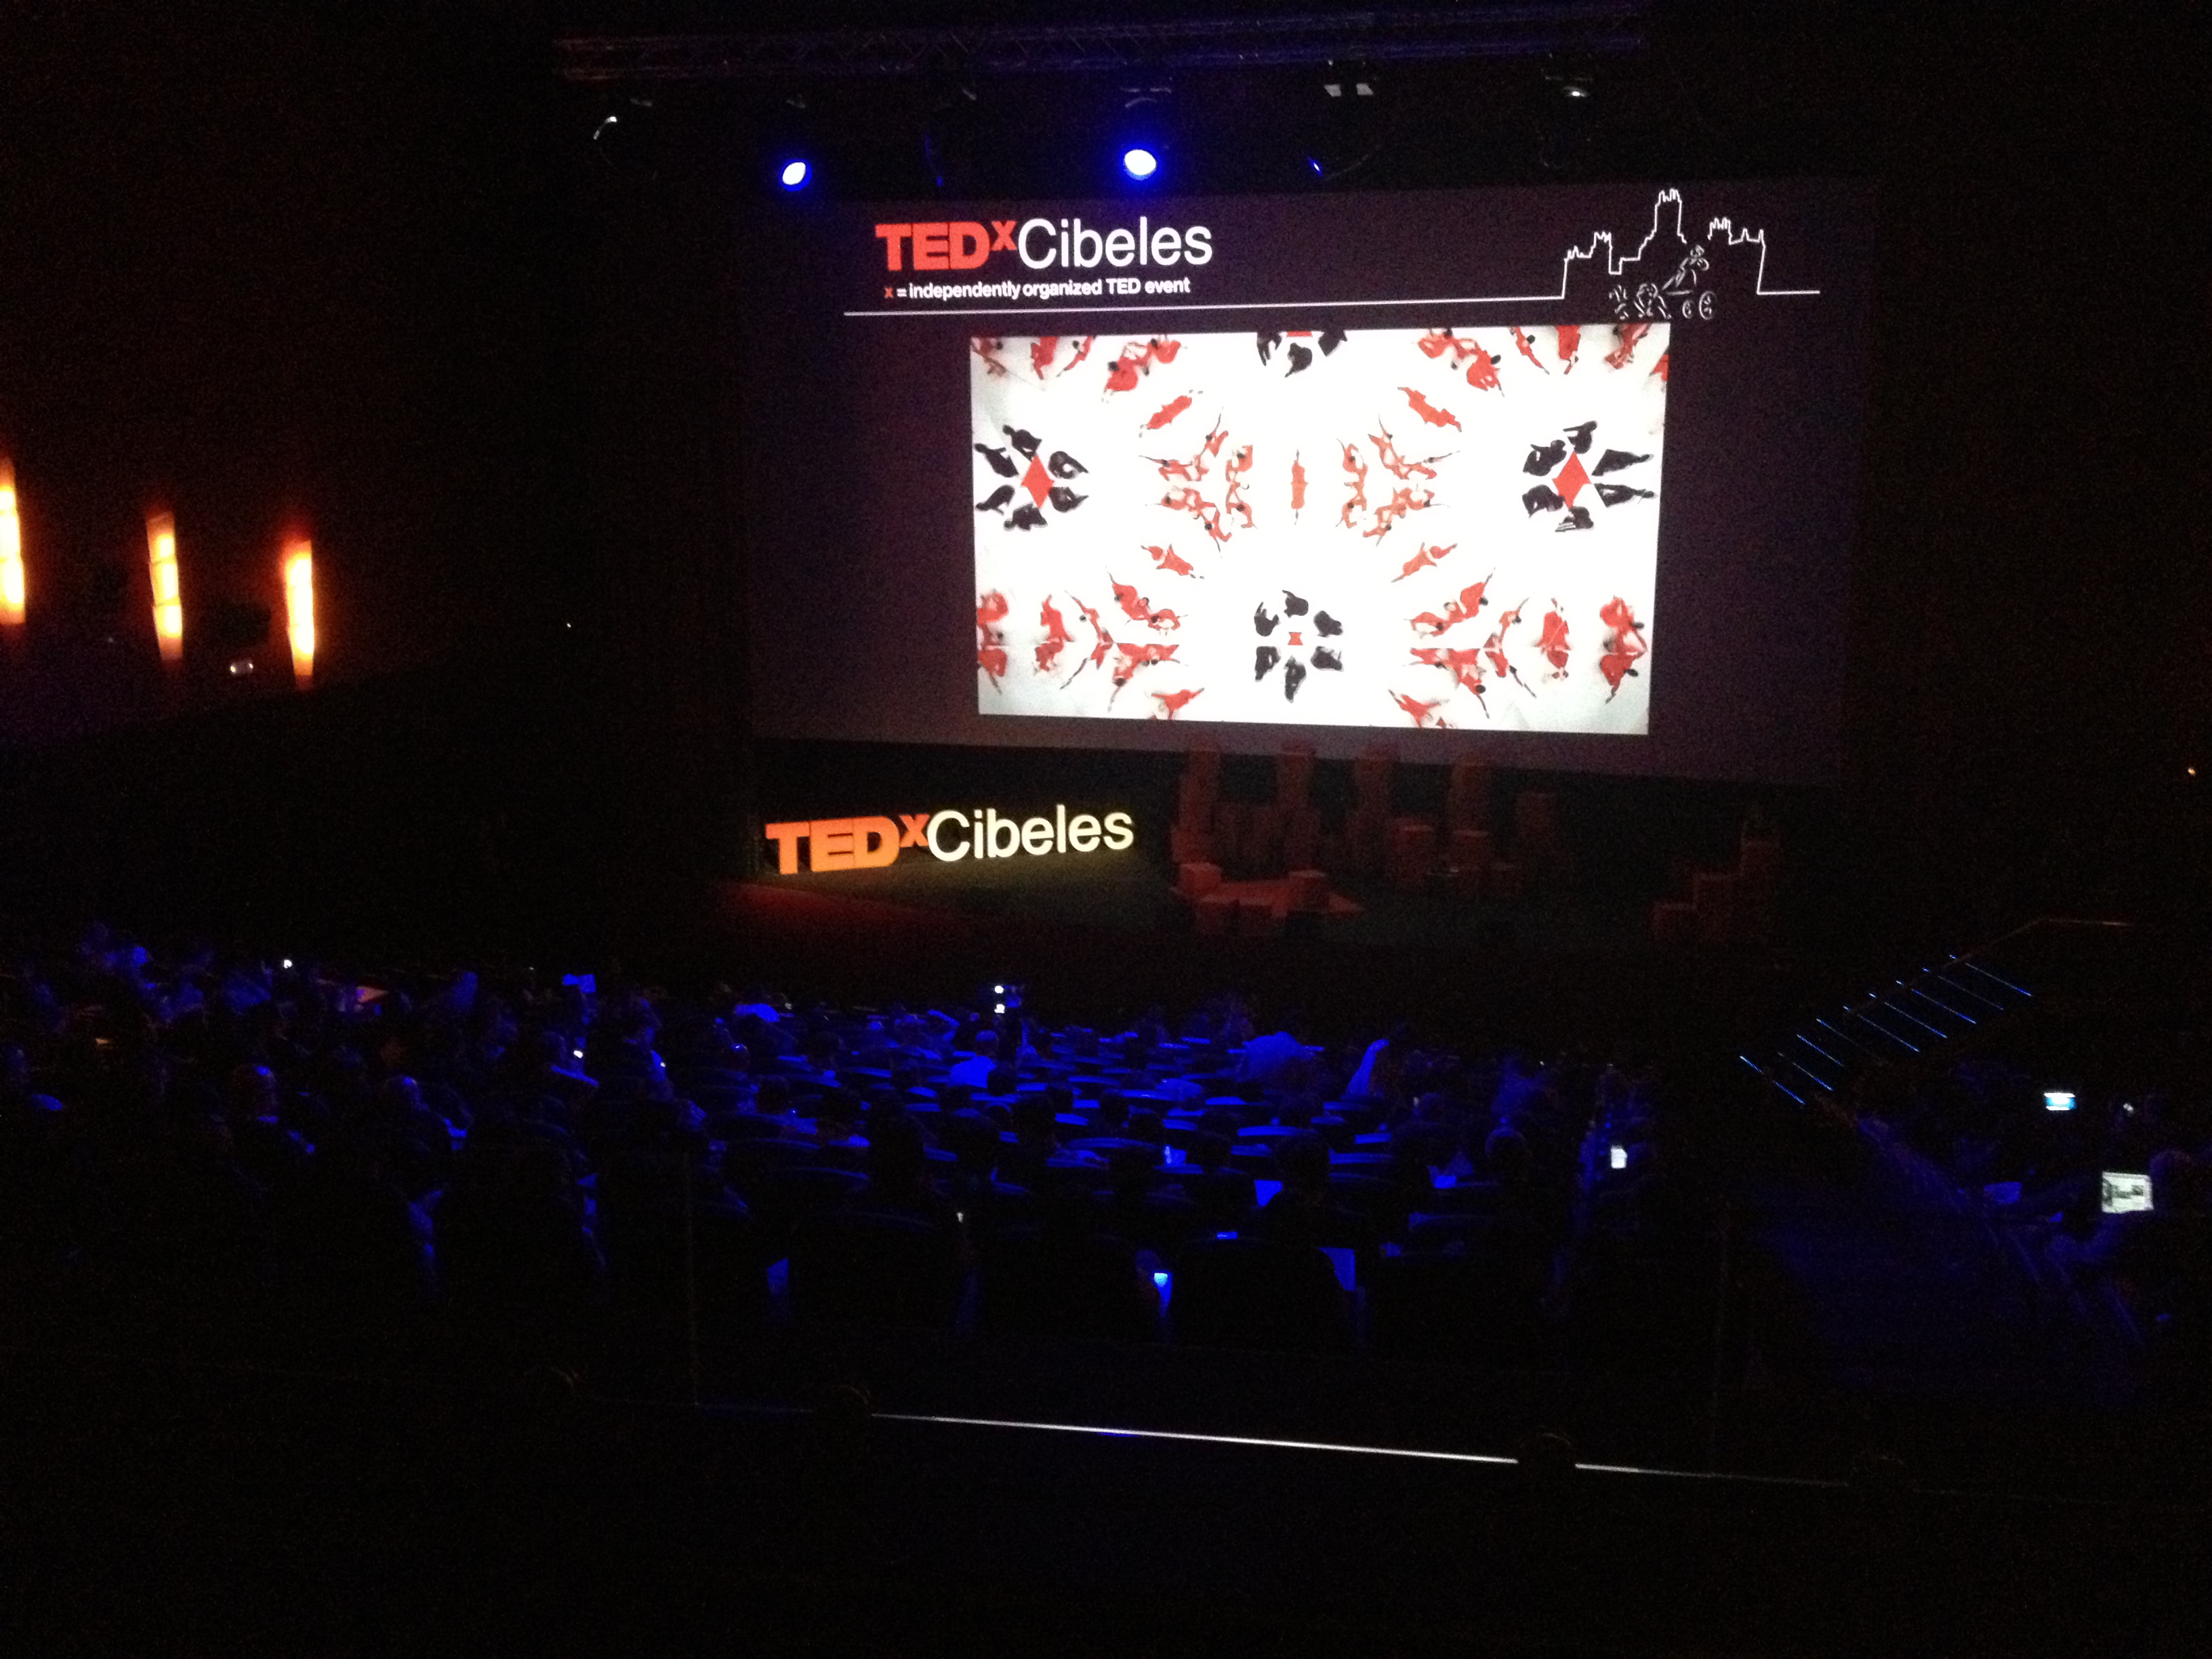 Escenario-del-TEDx-Cibeles